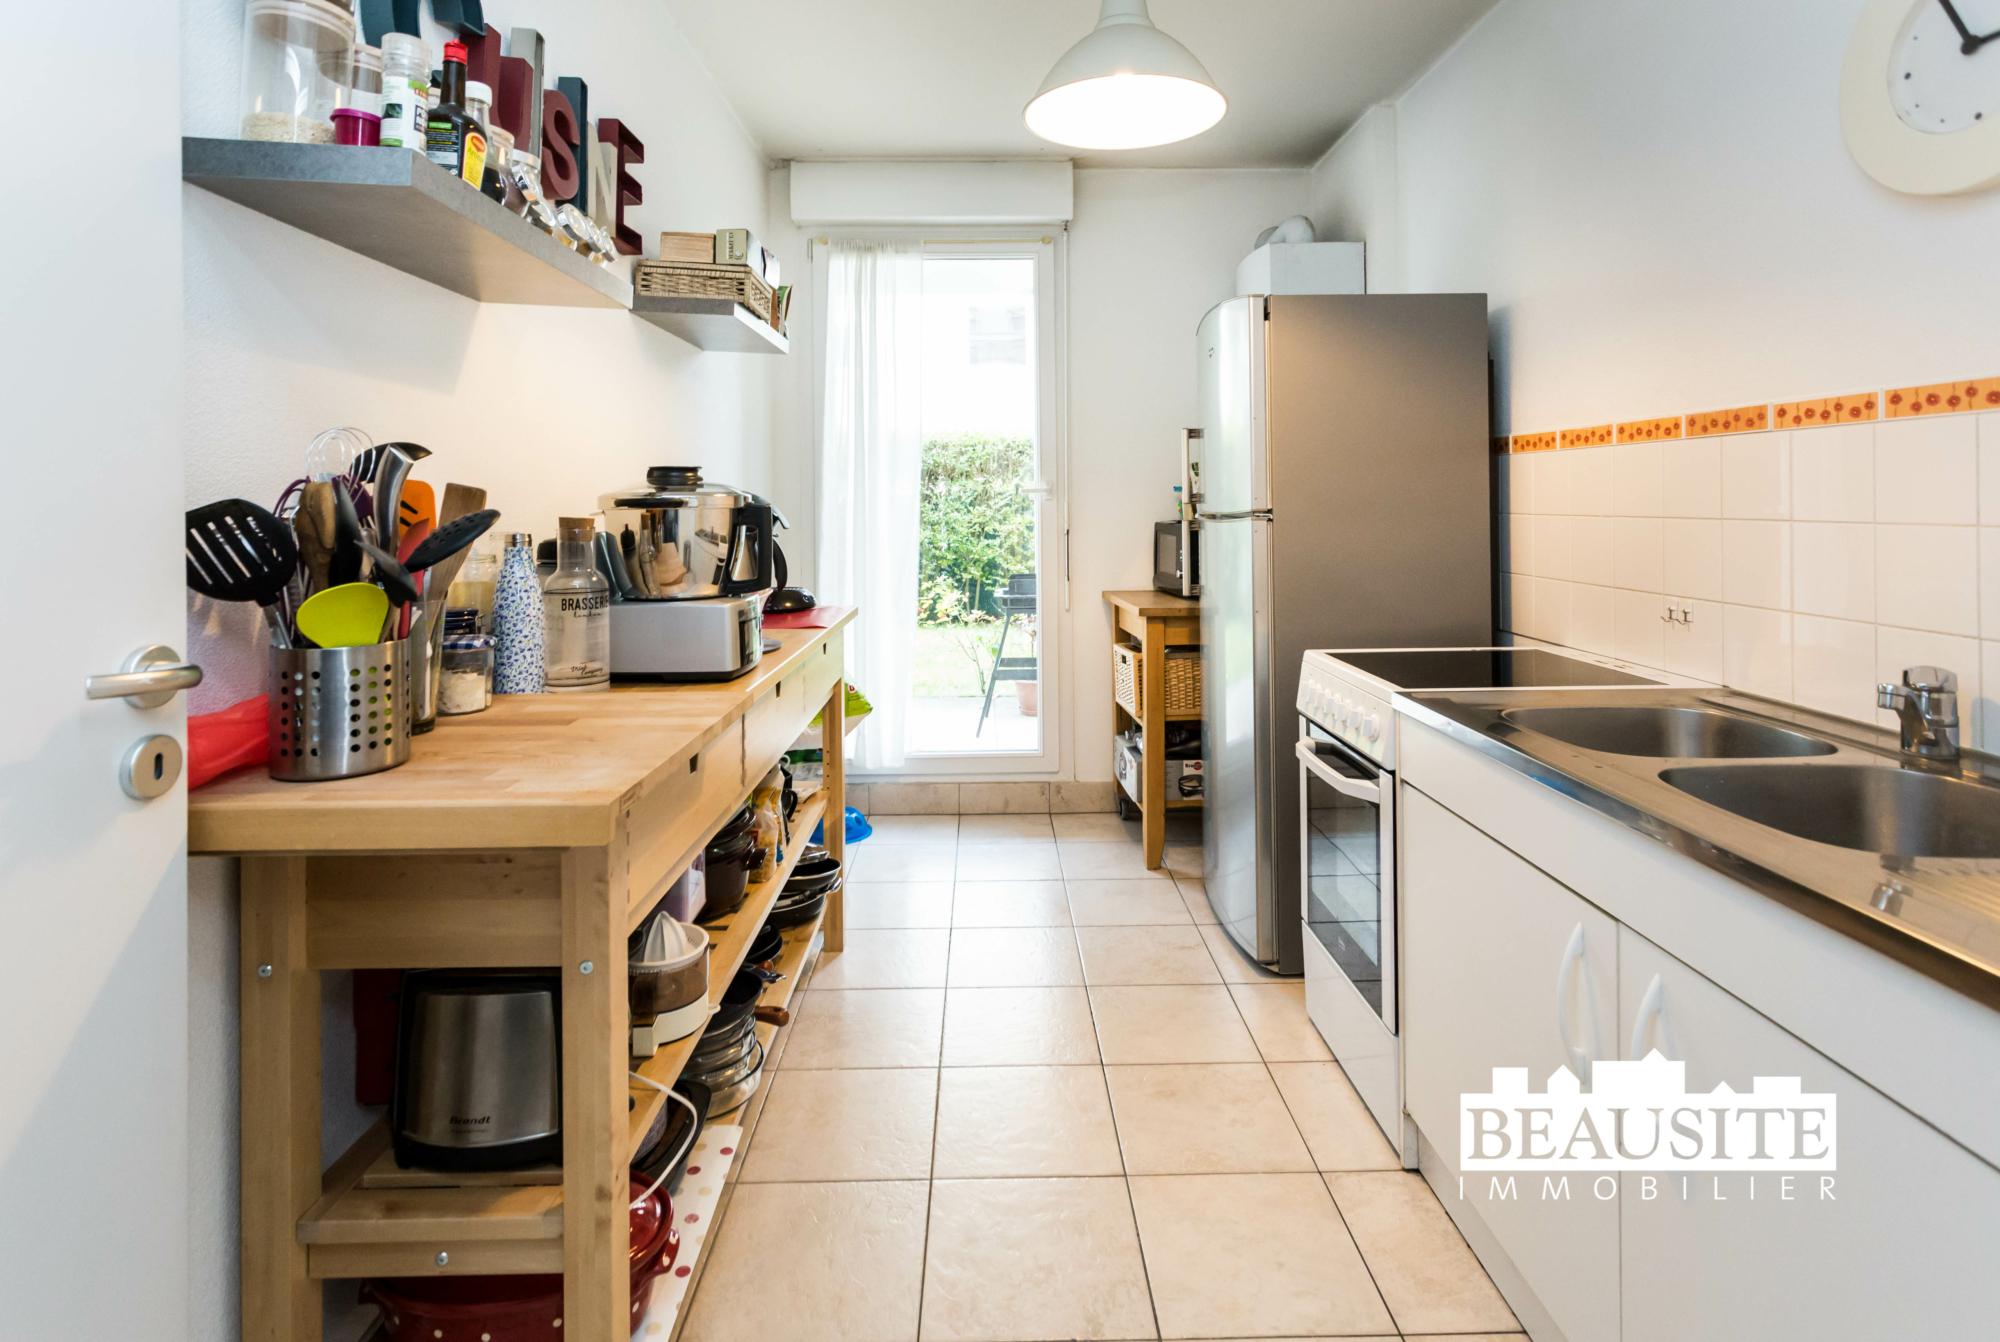 [Lily] Un verdoyant 2 pièces avec jardin privatif et parking – Schiltigheim - nos ventes - Beausite Immobilier 4